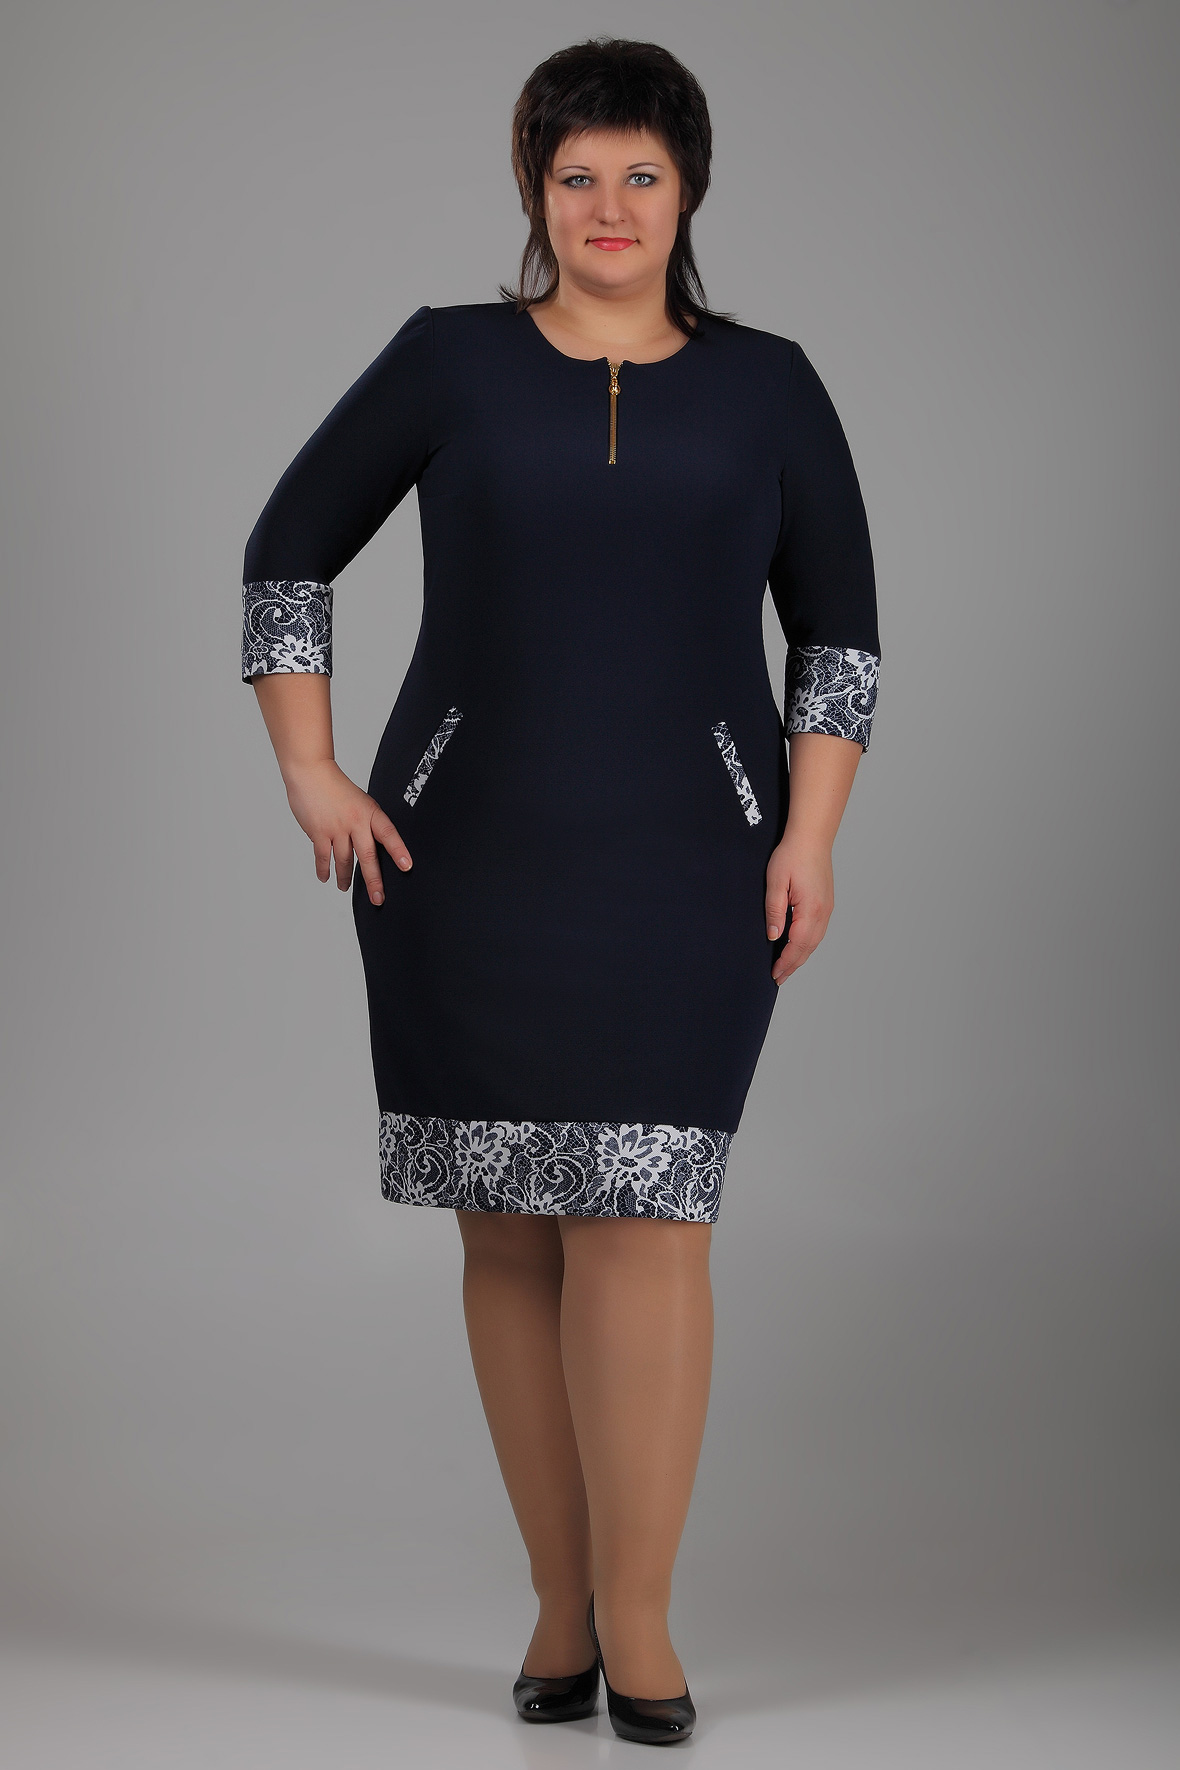 Женская Одежда Больших Размеров Алмонд Доставка